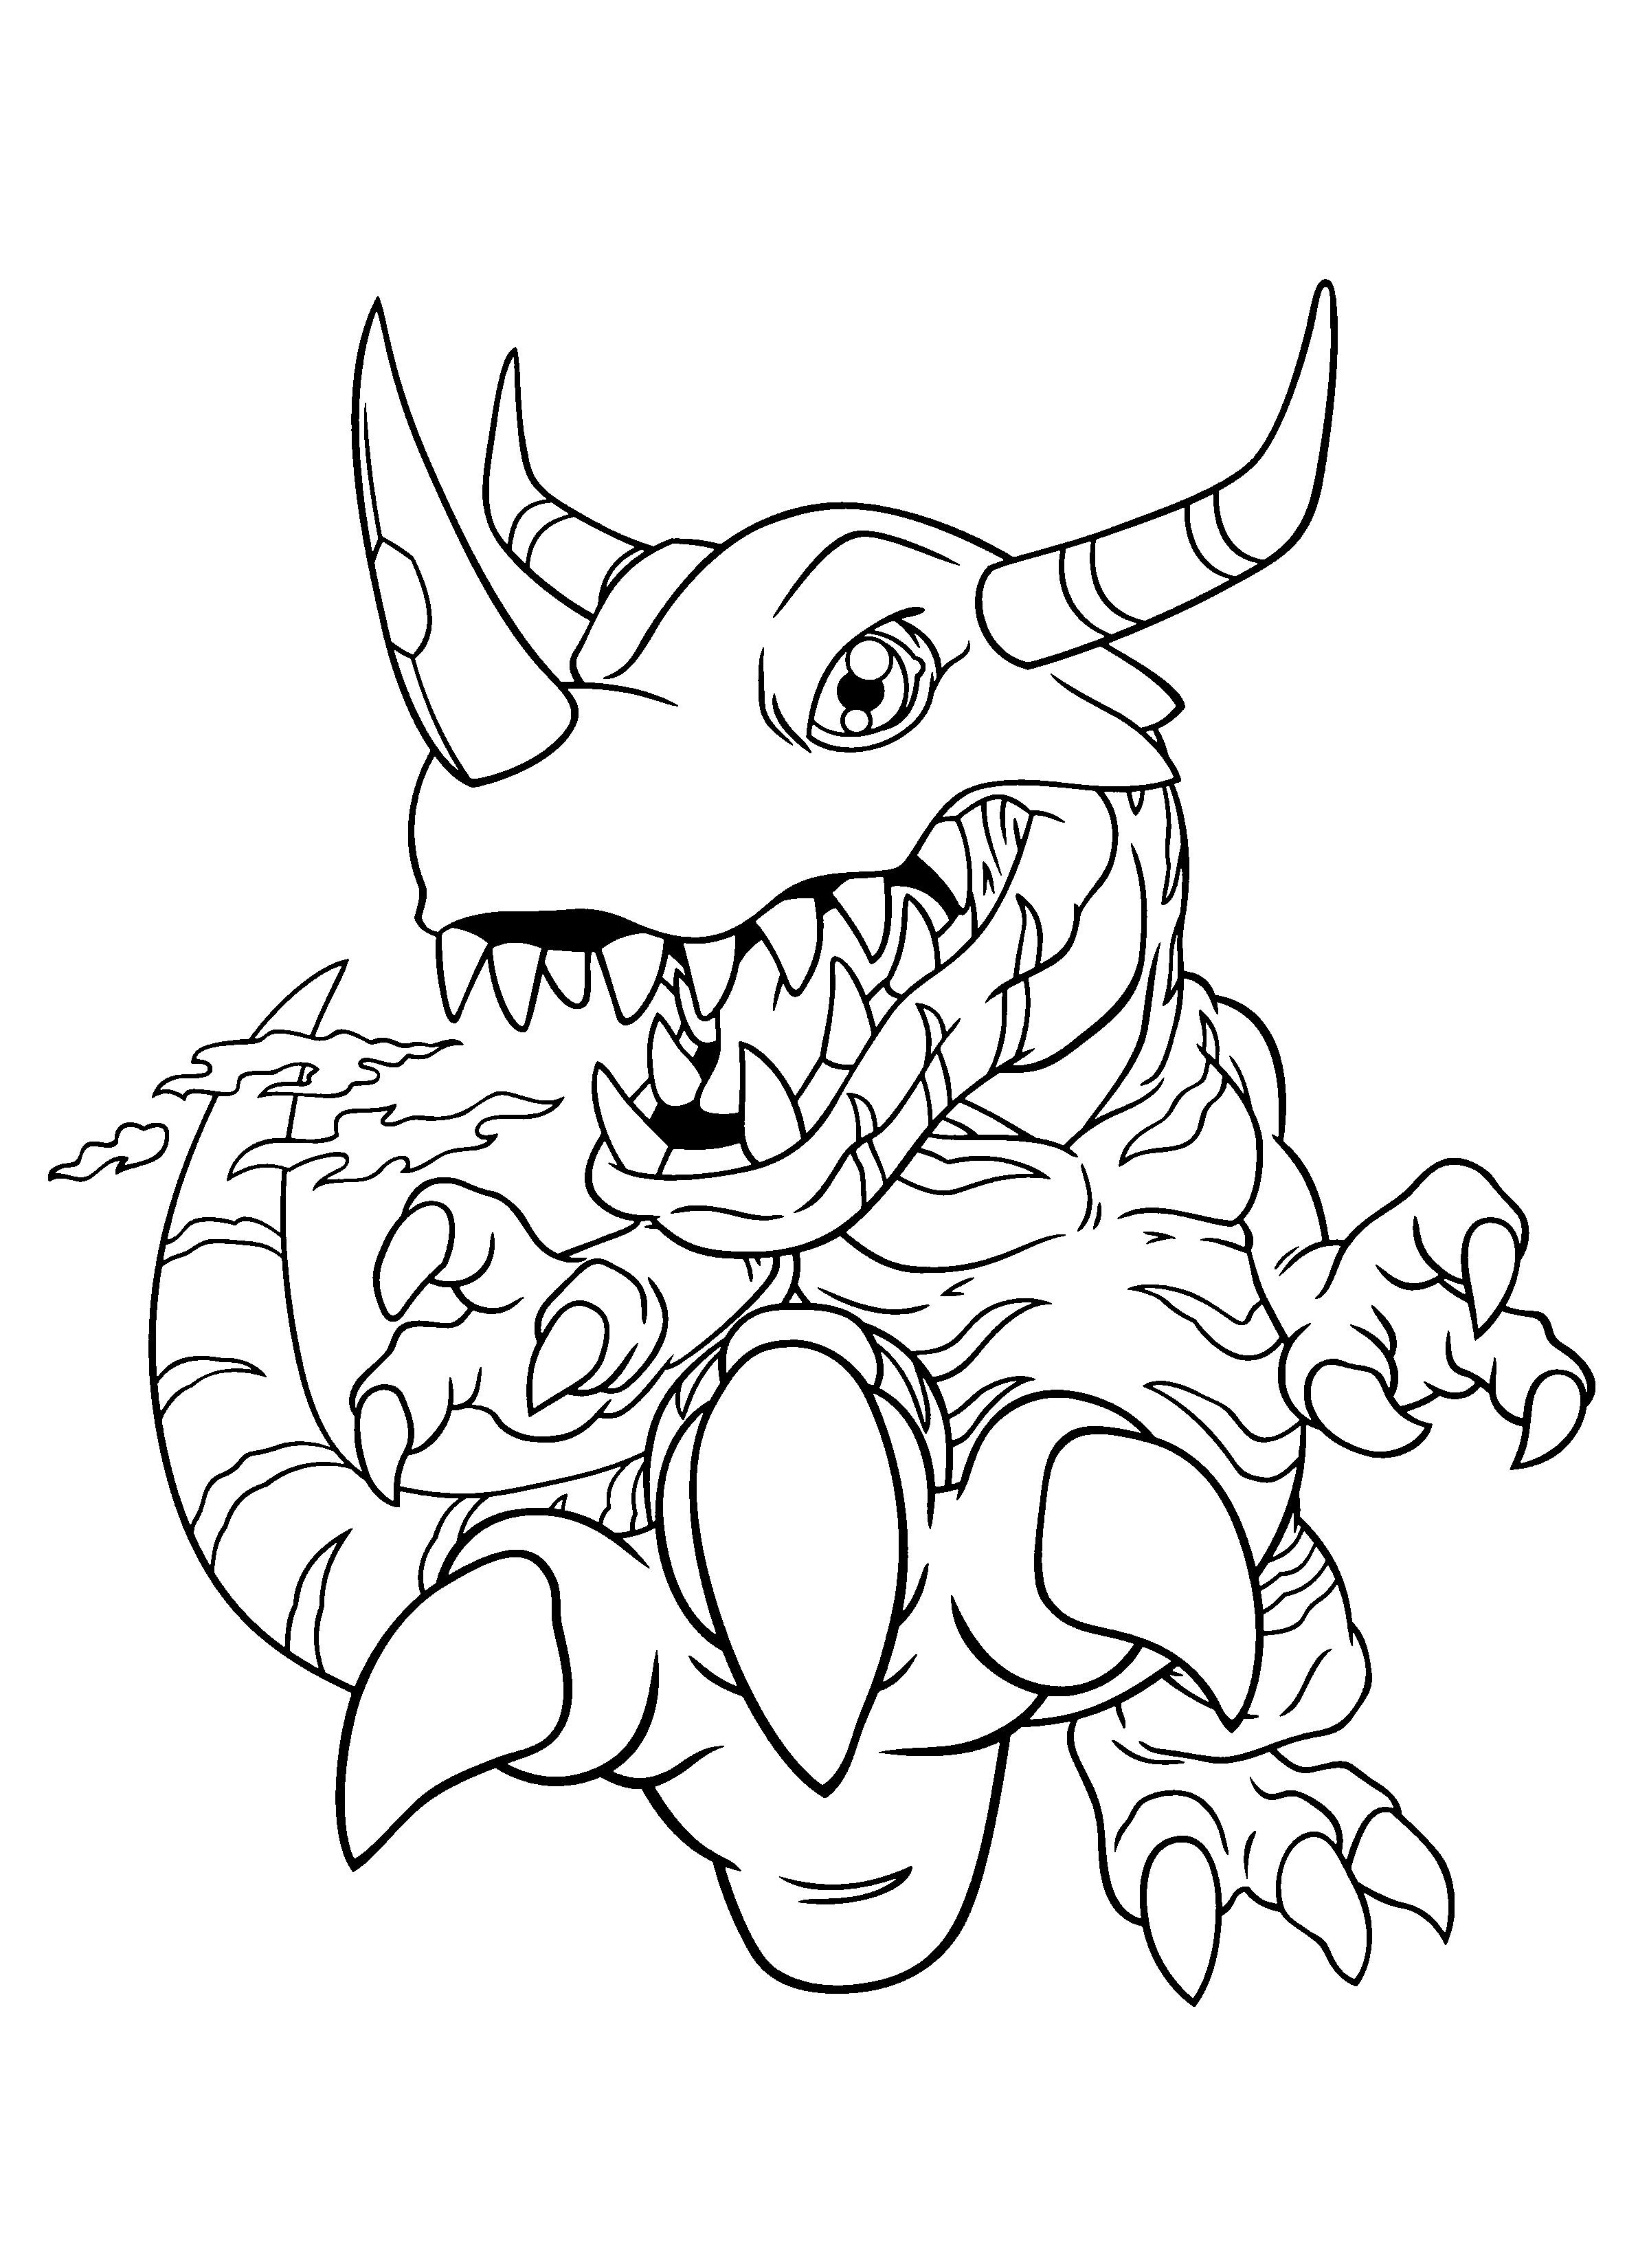 Malvorlagen Drucken  Digimon Ausmalbilder